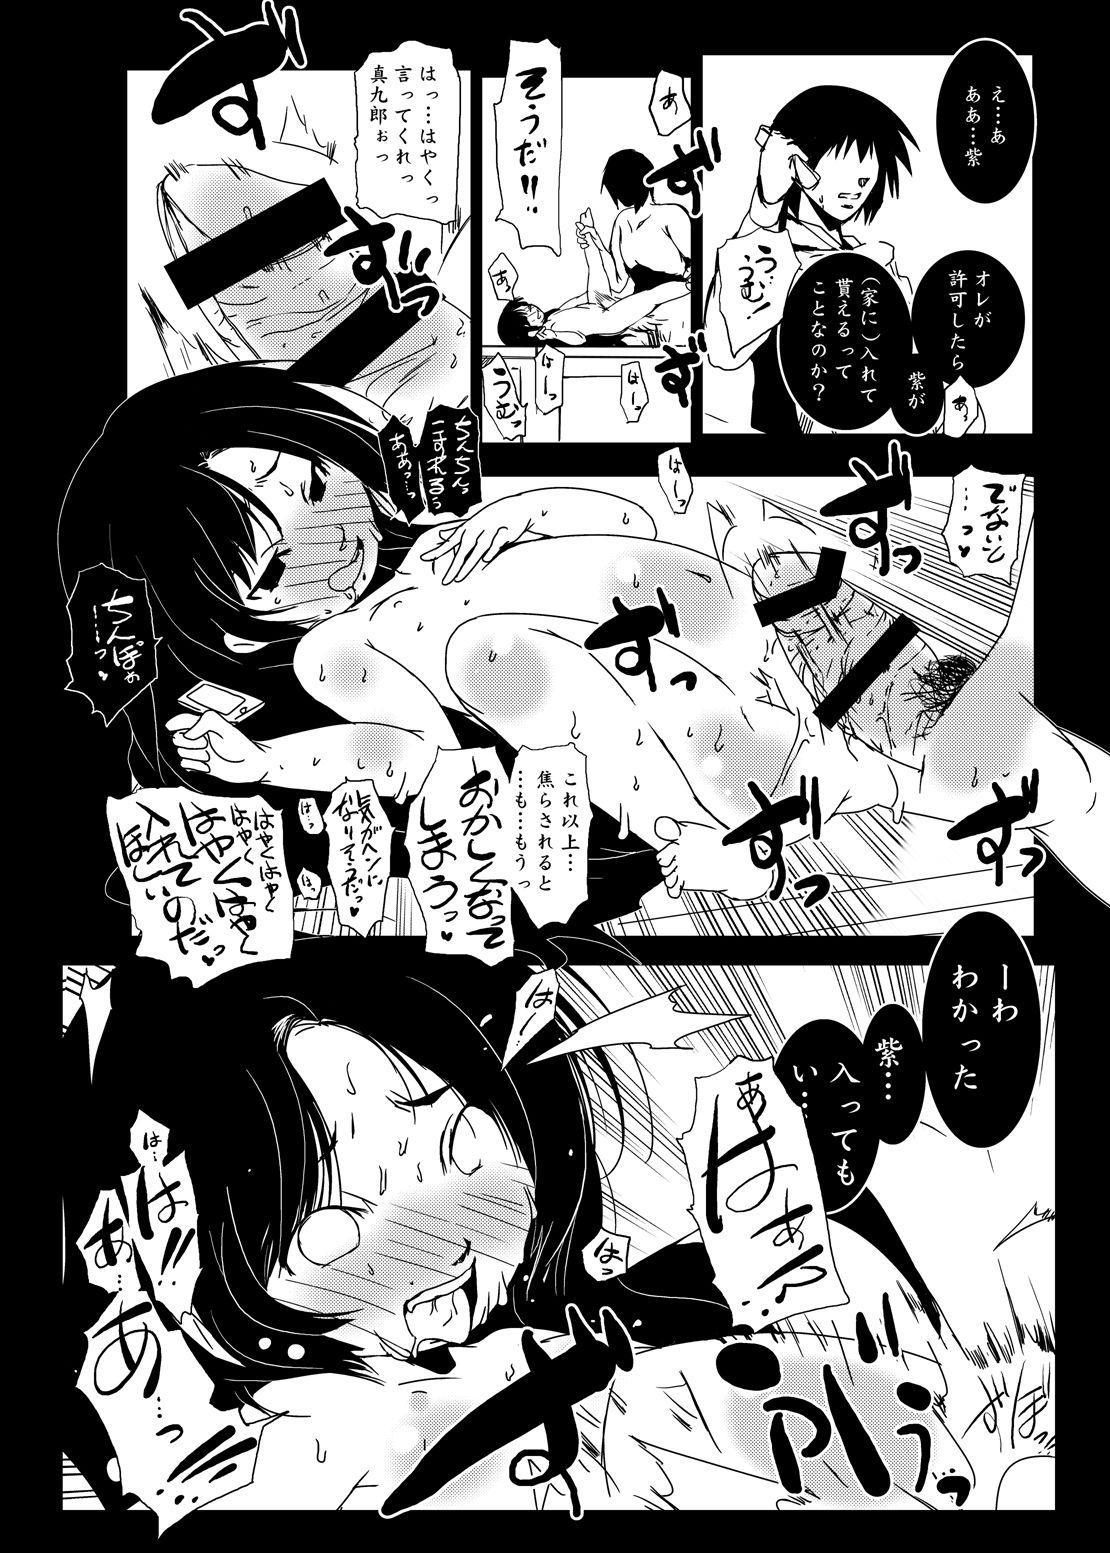 Murasaki no Iro - Kuhouin Murasaki Bon Soushuuhen 2 35